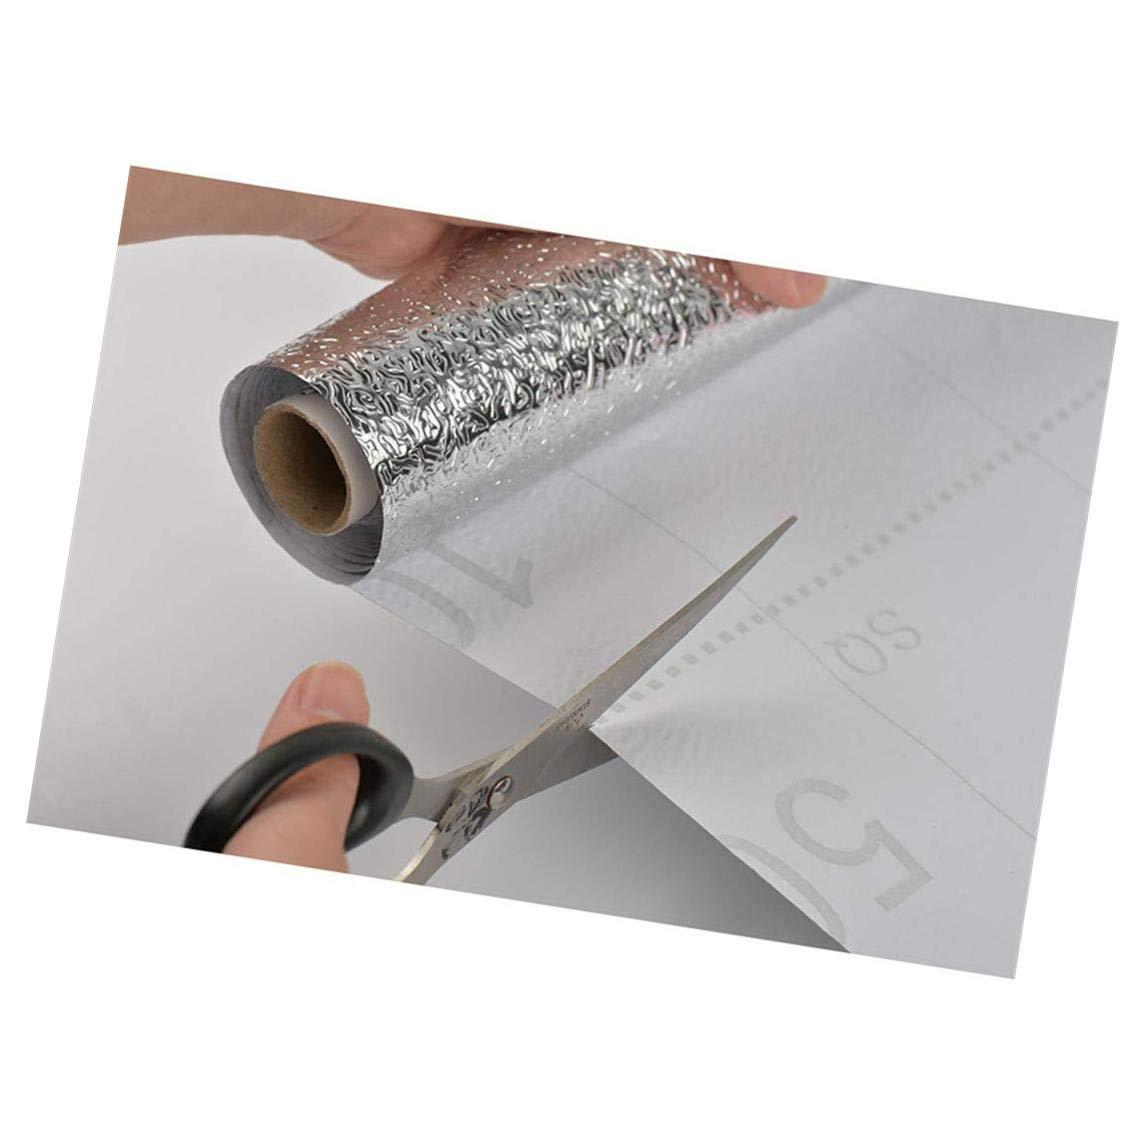 KEYkey 1Pcs Cucina Adesivi Anti grassa Decal Sticker Rimovibile Impermeabile mattonelle Decalcomania della Parete per Wallpaper Home Decor Fai da Te